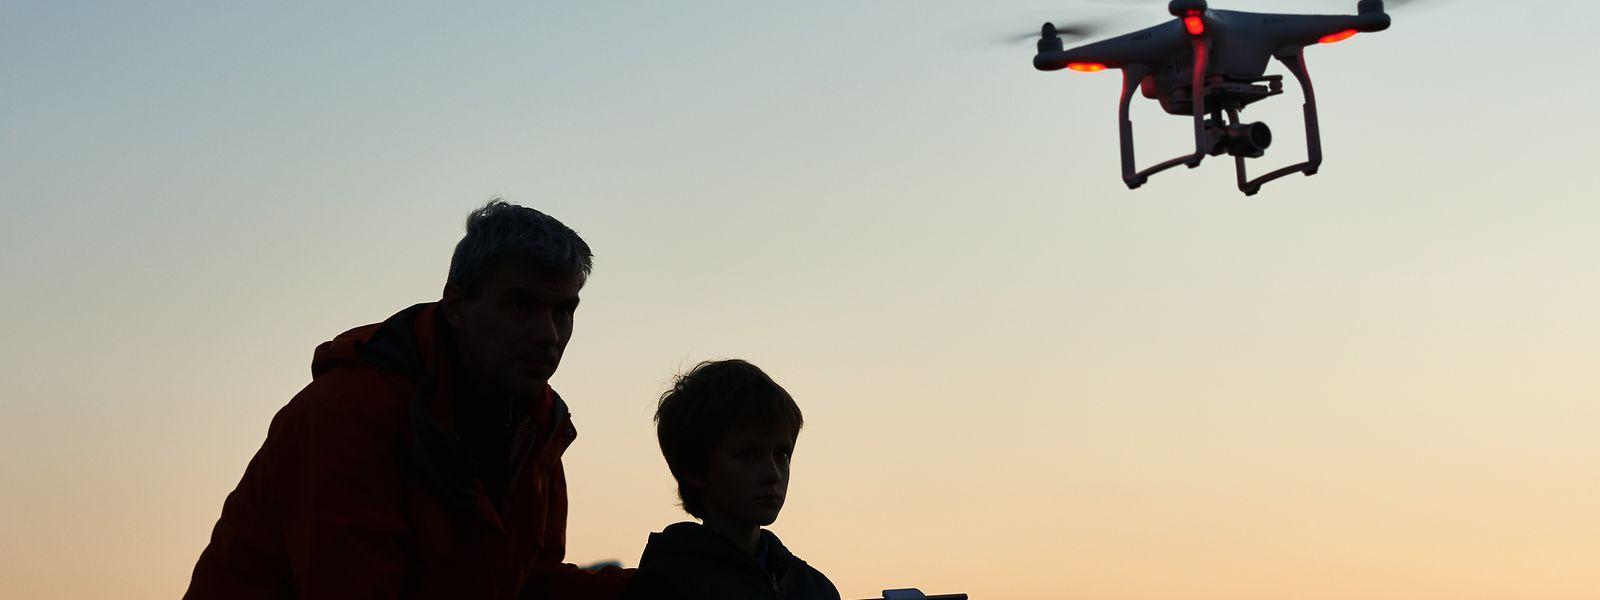 Über der Hauptstadt dürfen am Wochenende keine Drohnen fliegen.